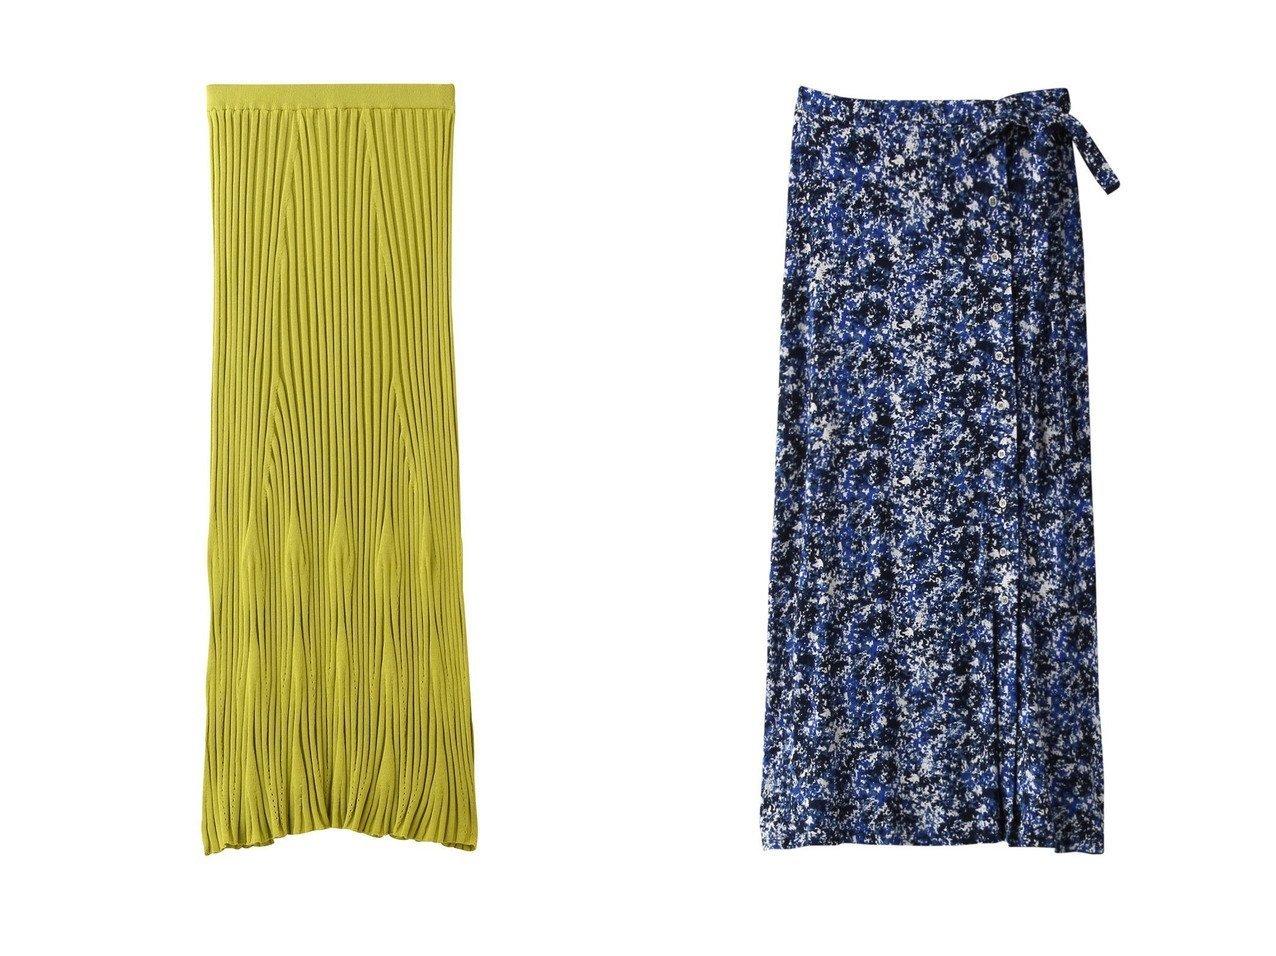 【three dots/スリー ドッツ】のスカート&スカート 【スカート】おすすめ!人気、トレンド・レディースファッションの通販 おすすめで人気の流行・トレンド、ファッションの通販商品 インテリア・家具・メンズファッション・キッズファッション・レディースファッション・服の通販 founy(ファニー) https://founy.com/ ファッション Fashion レディースファッション WOMEN スカート Skirt おすすめ Recommend セットアップ フィット フェミニン プリント ラップ リラックス シルク シンプル ロング |ID:crp329100000053489